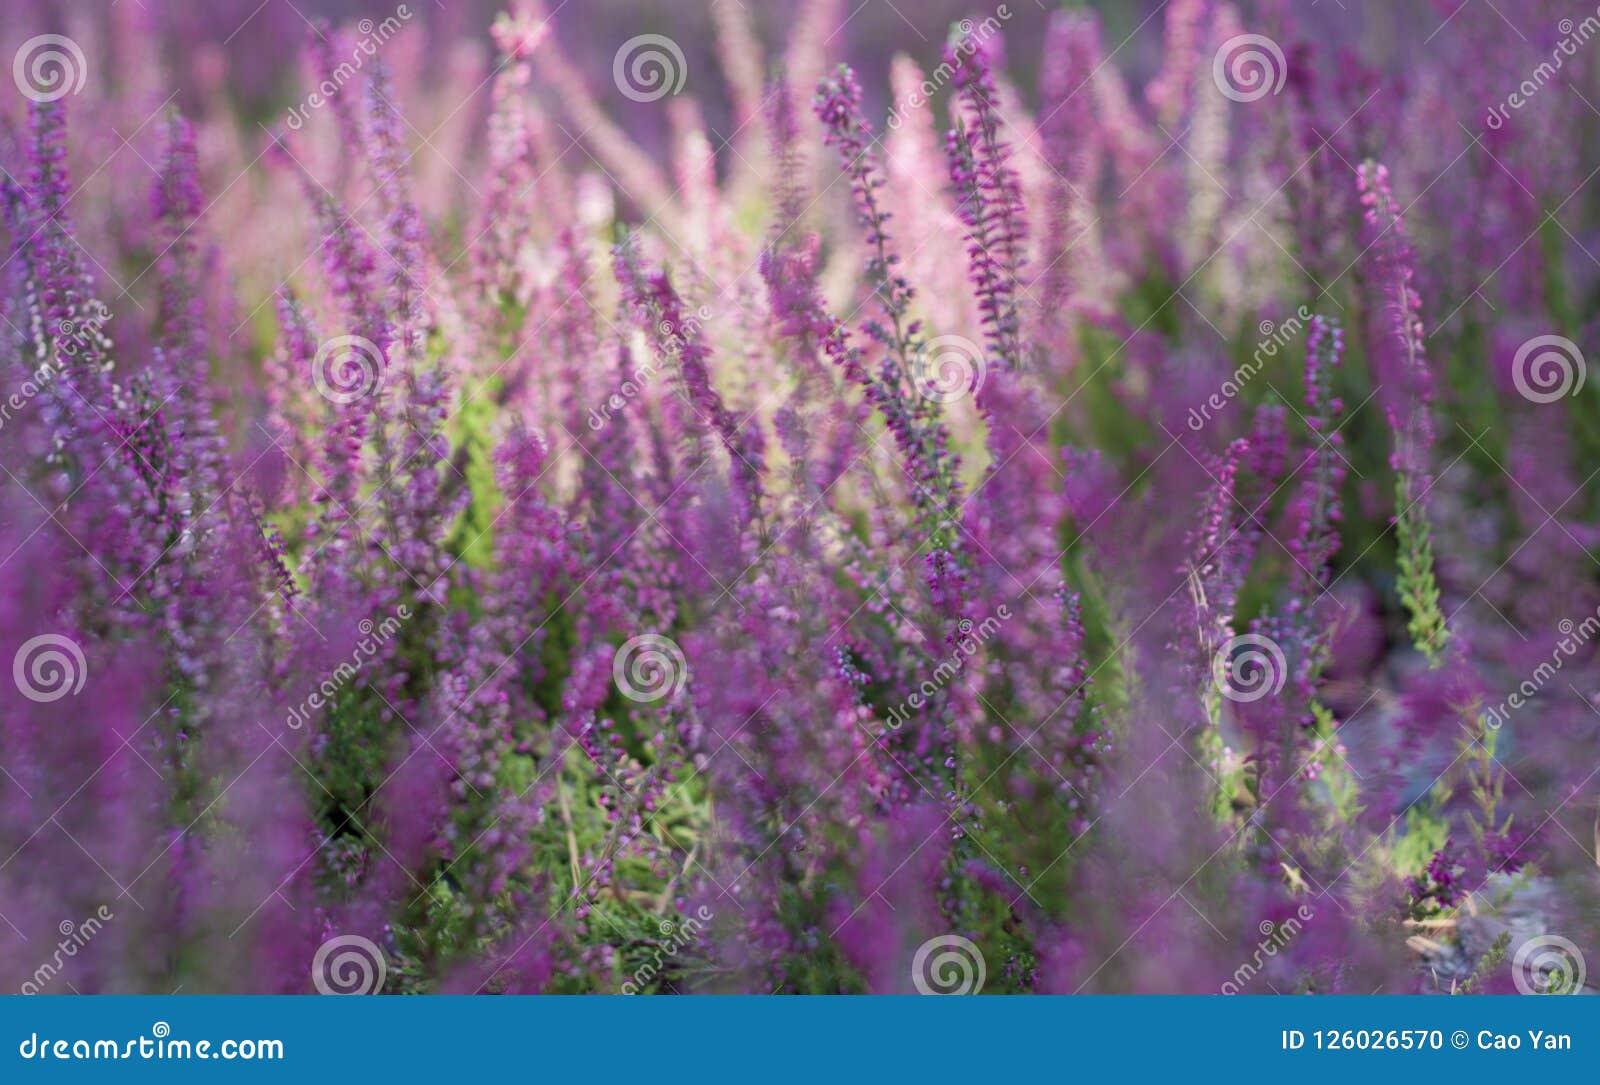 Flowering lavender field, beautiful landscape